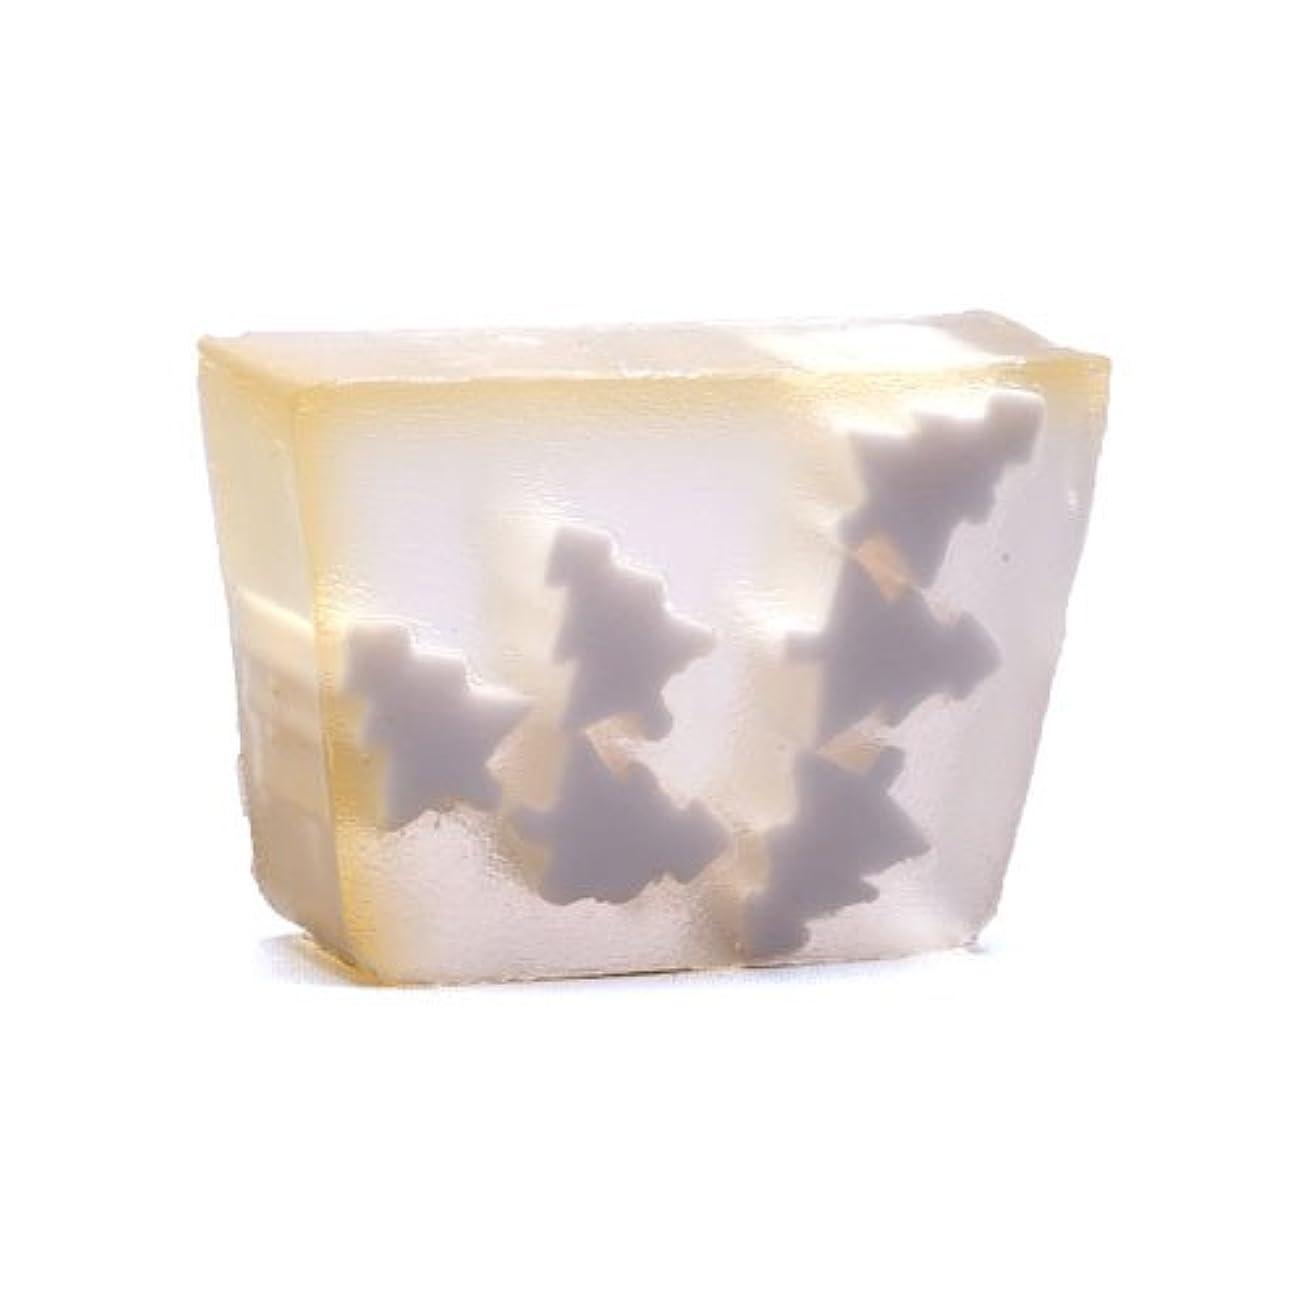 制約オペレーターメガロポリスプライモールエレメンツ アロマティック ミニソープ ホワイトワンダーランド 80g 植物性 ナチュラル 石鹸 無添加